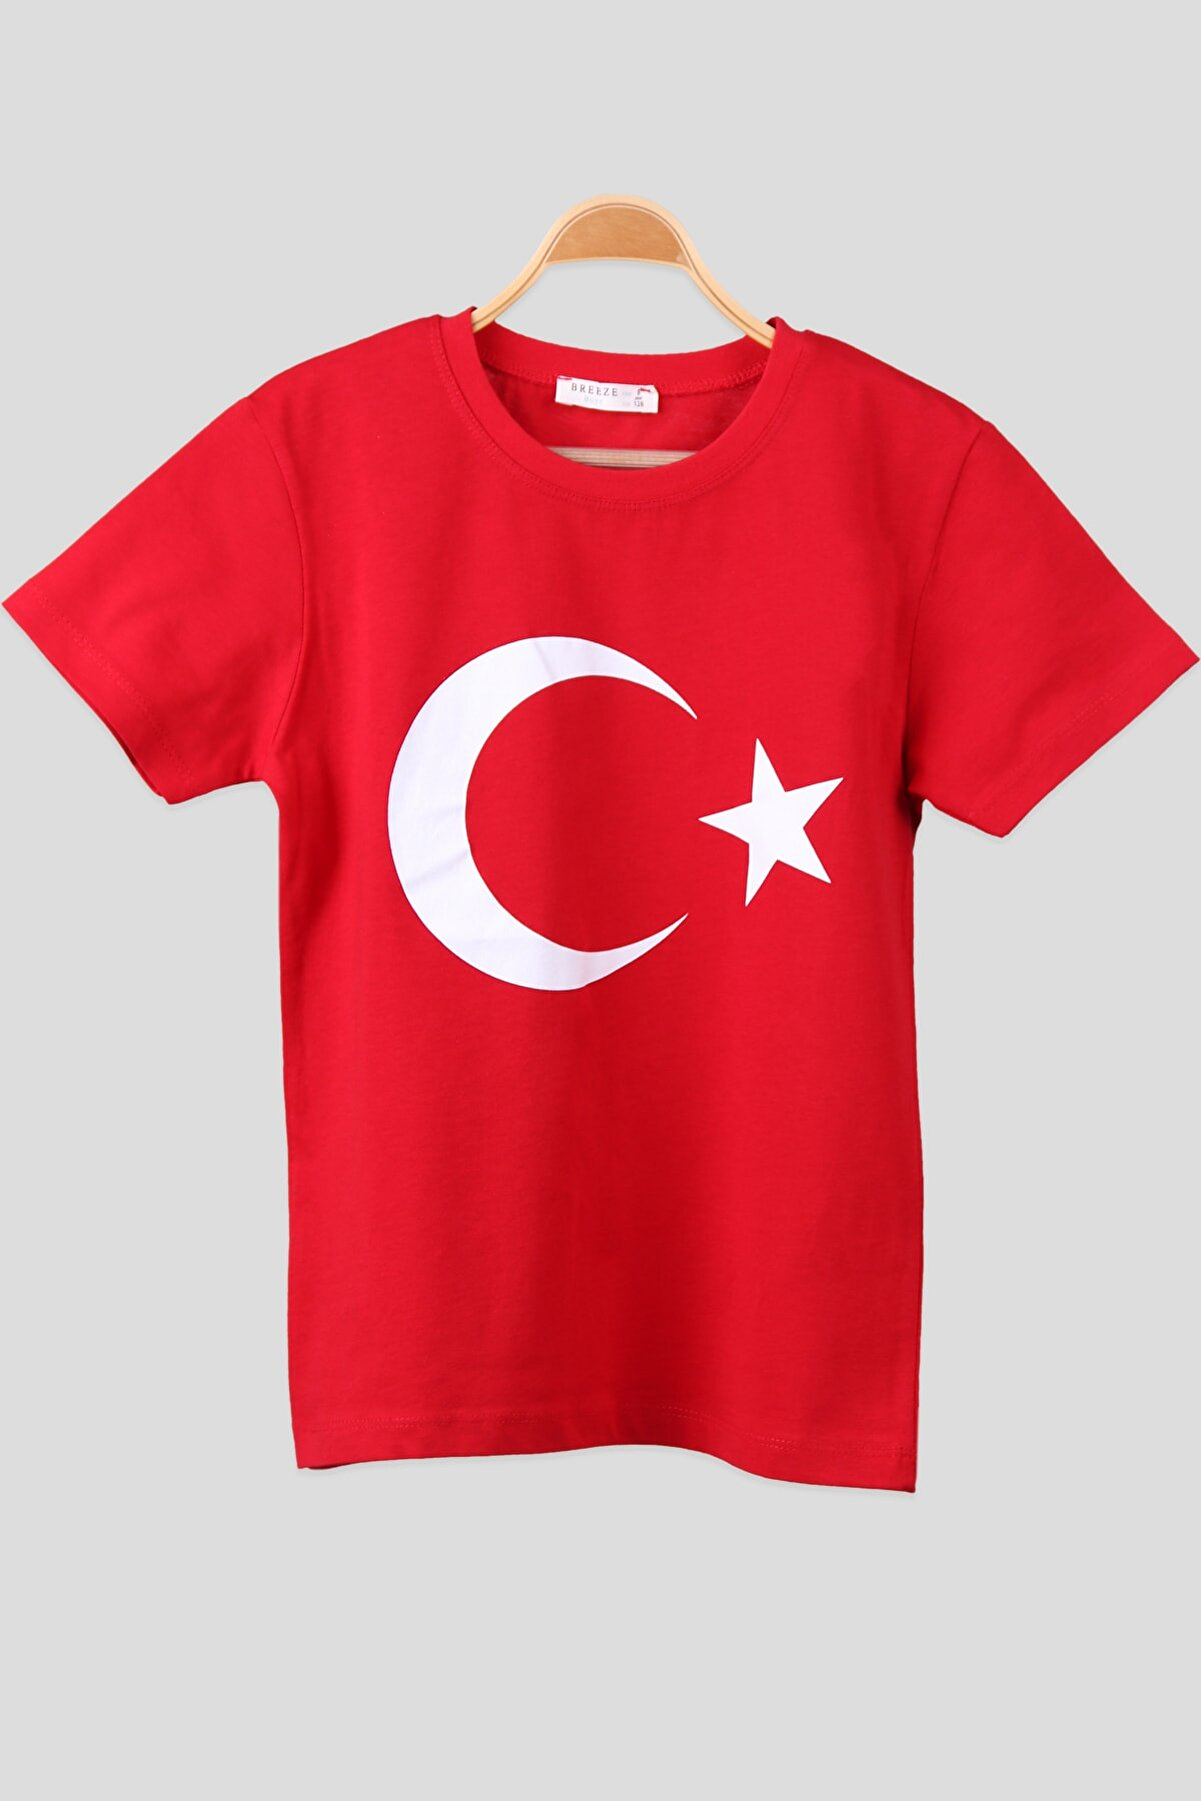 Breeze Çocuk Tişört Türk Bayraklı Kırmızı (10-12 Yaş)